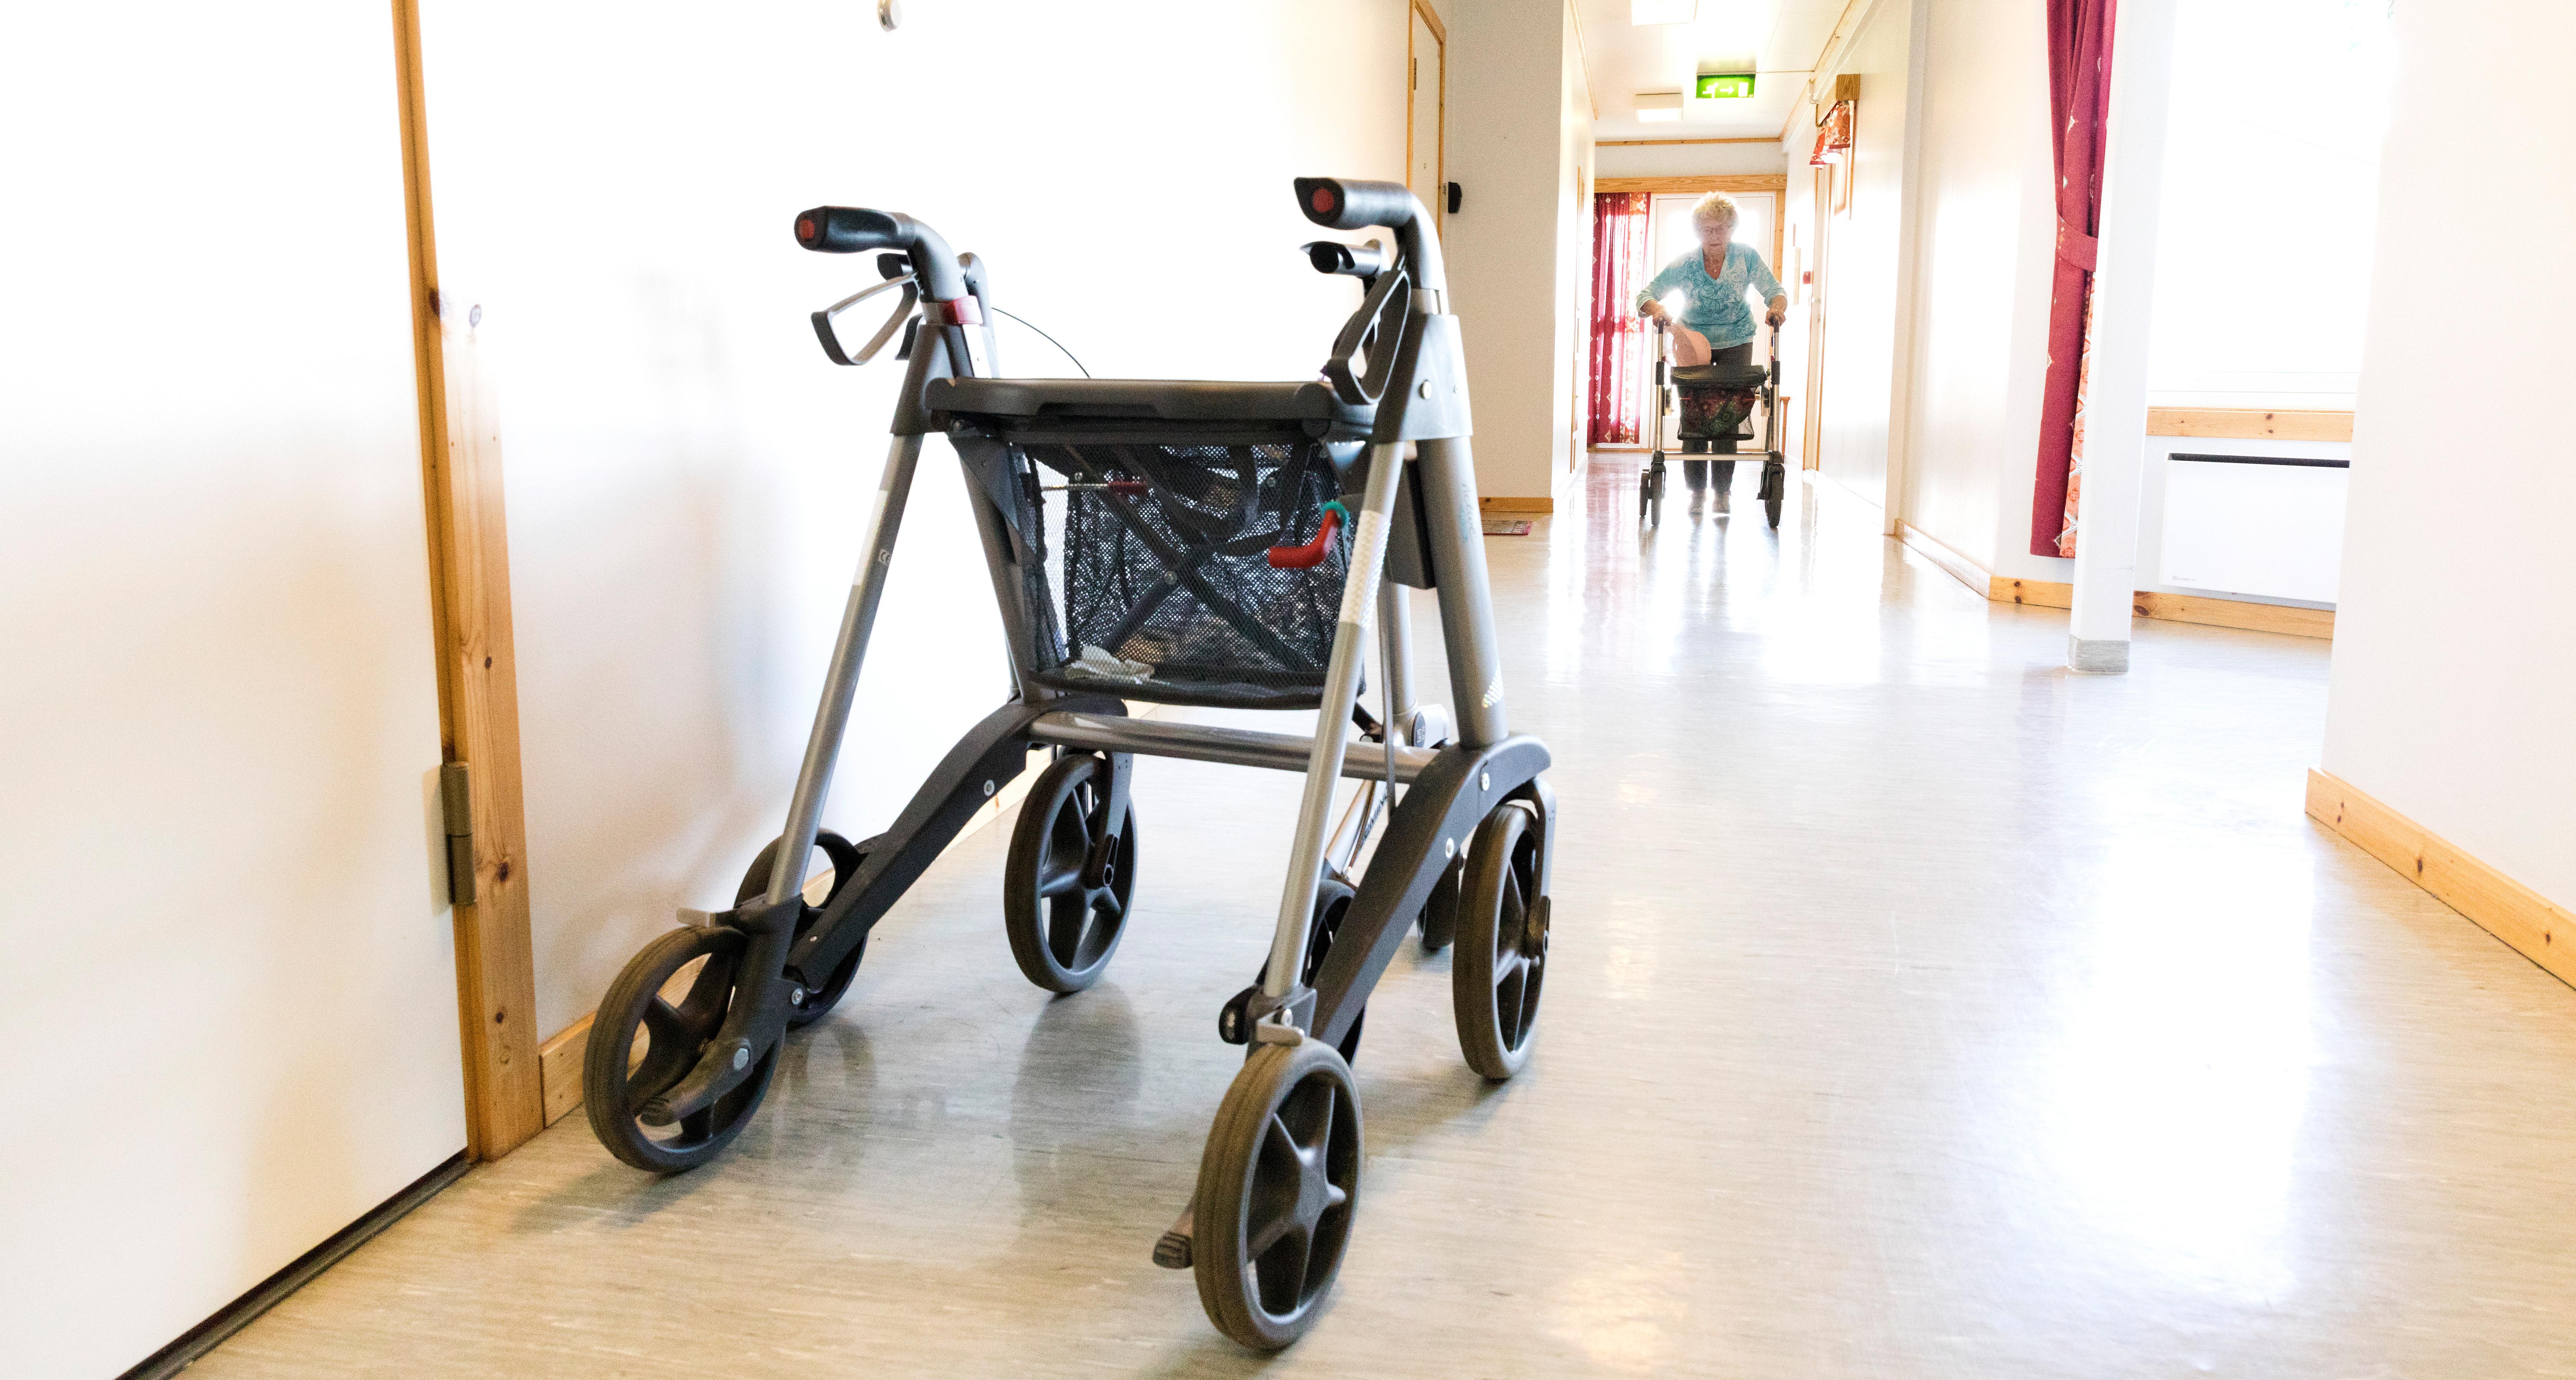 En rullator står i en korridor på ett boende